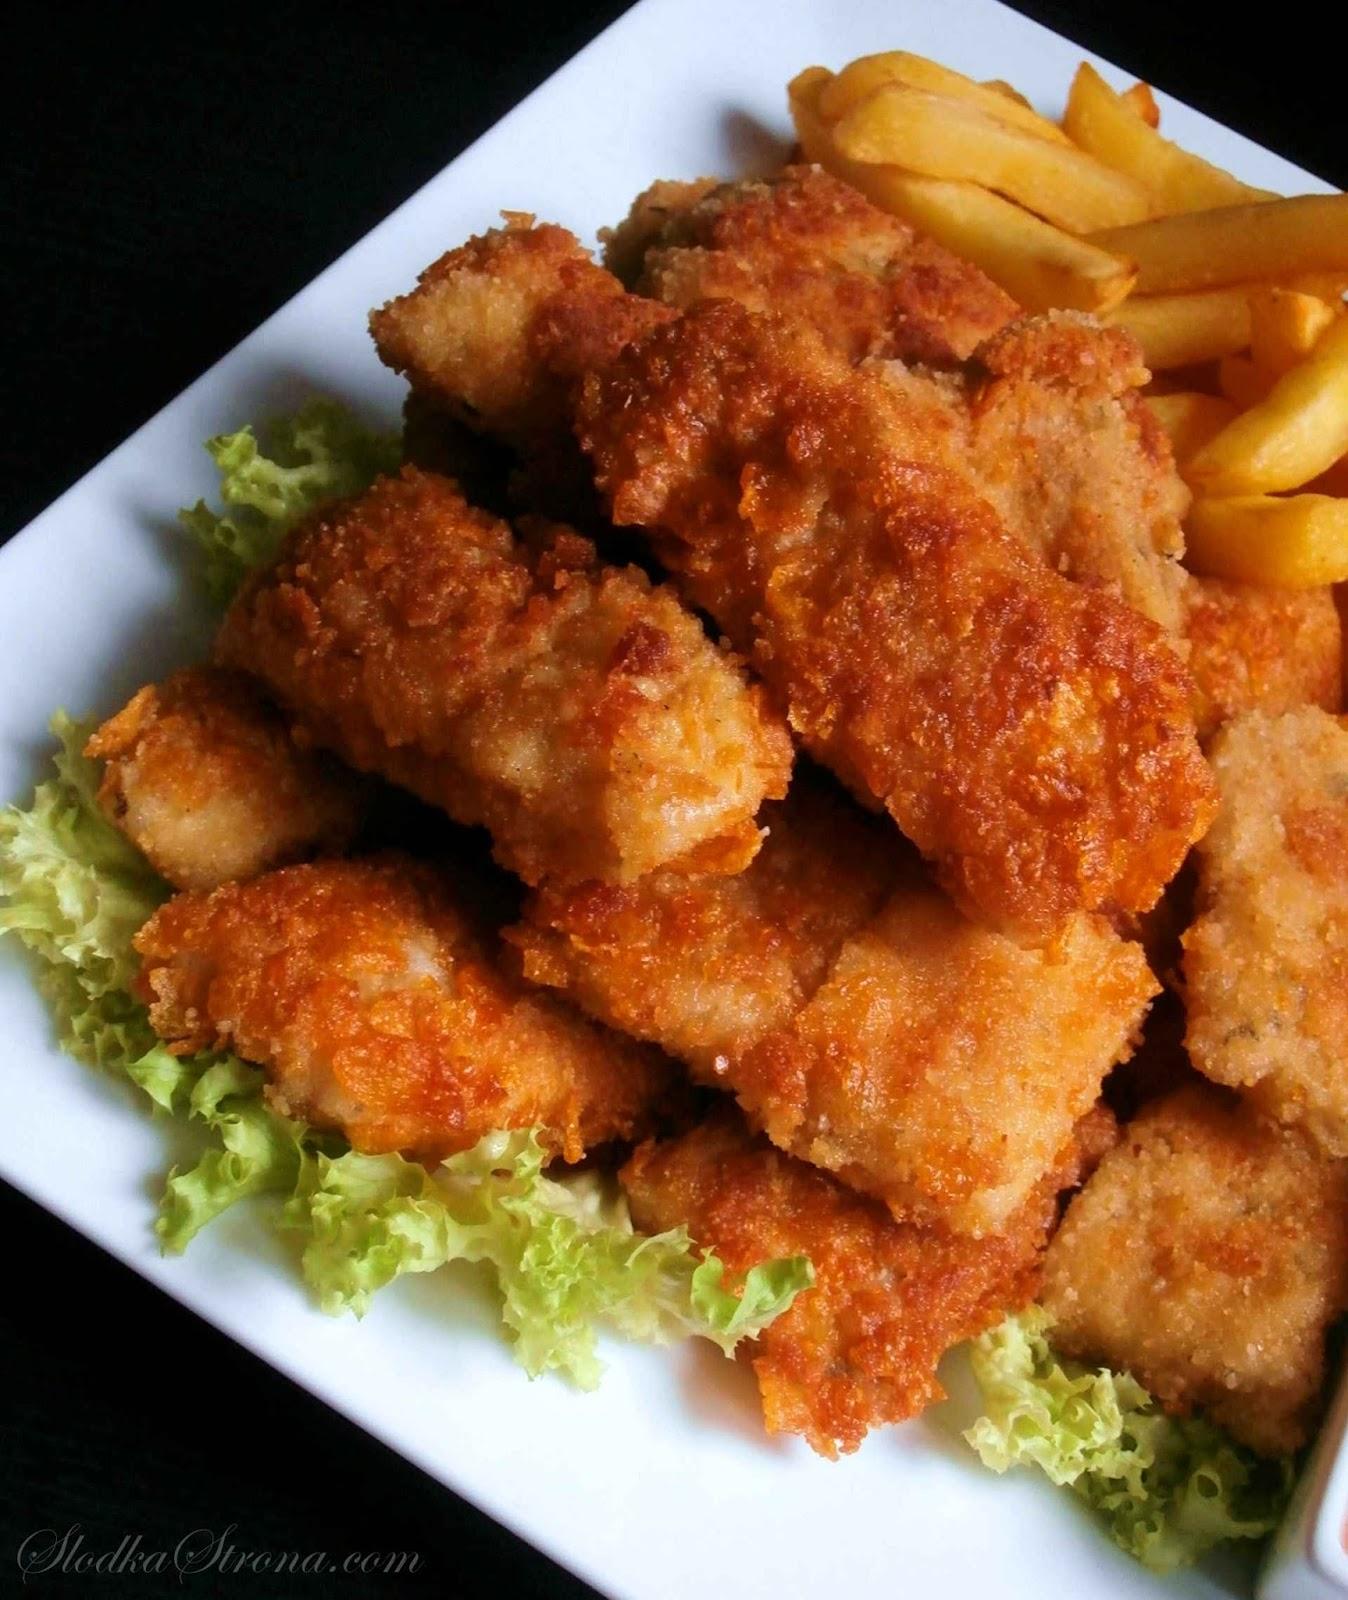 Słodka Strona: Nuggetsy Rybne W Płatkach Kukurydzianych